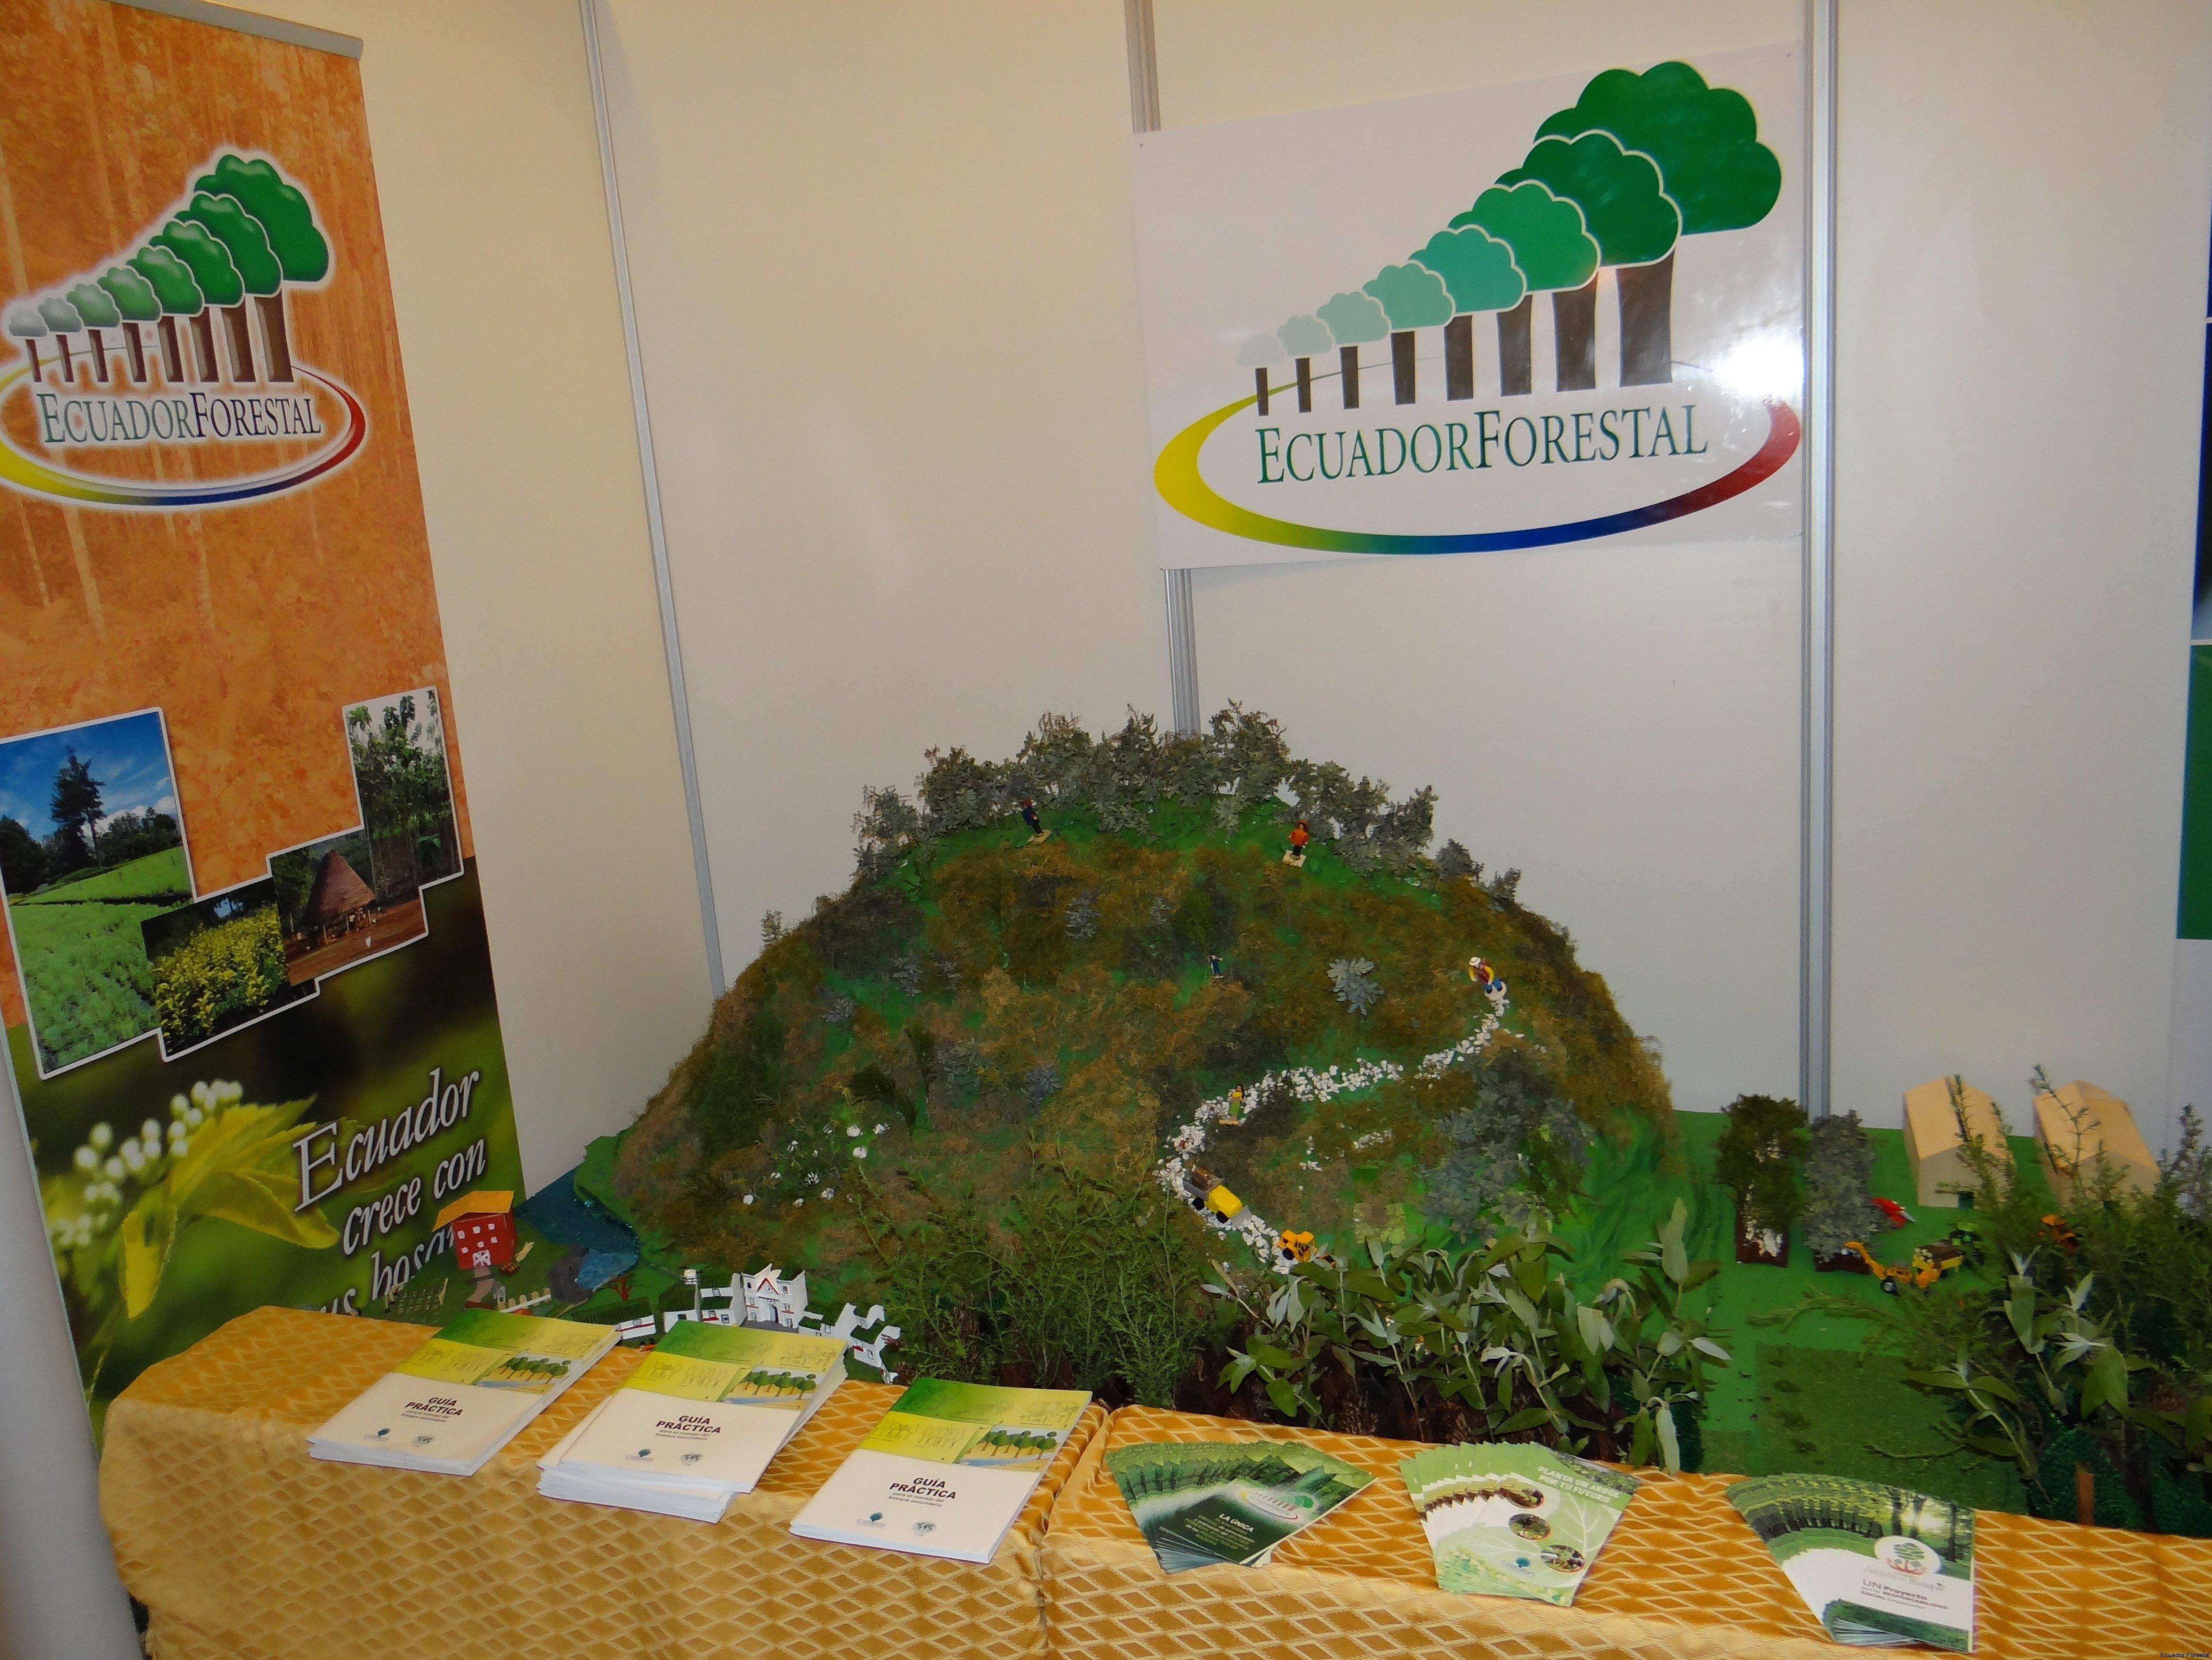 Stand de Ecuador Forestal